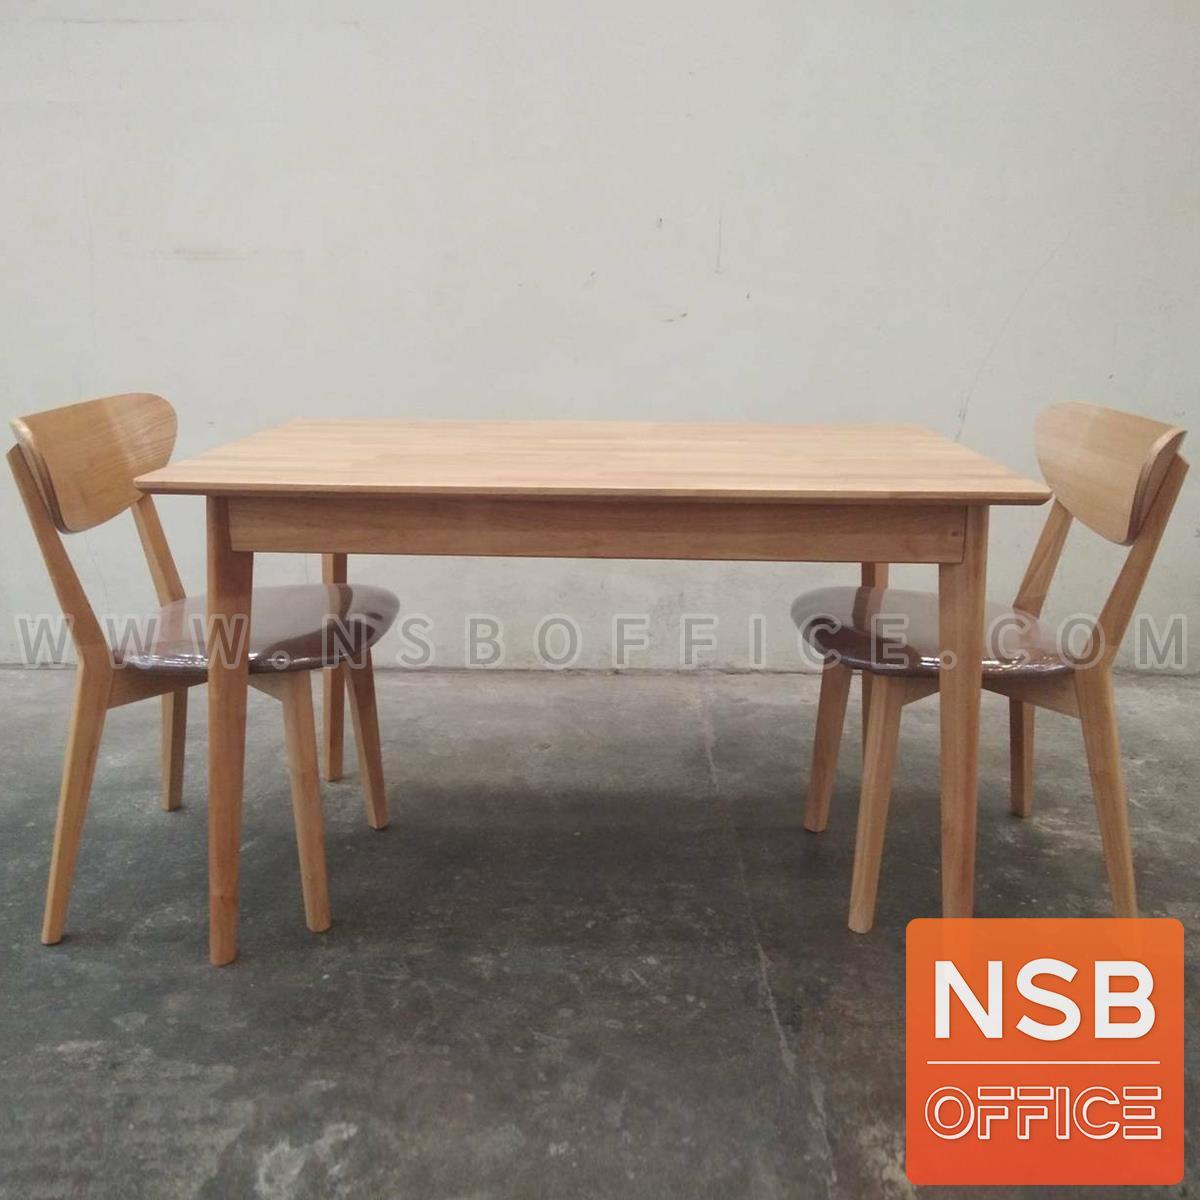 G14A244:ชุดโต๊ะรับประทานอาหารไม้ยางพารา รุ่น Jinny (จินนี่) ขนาด 120W*80D*75H , 150W*90D*75H , 180W*80D*100H cm.